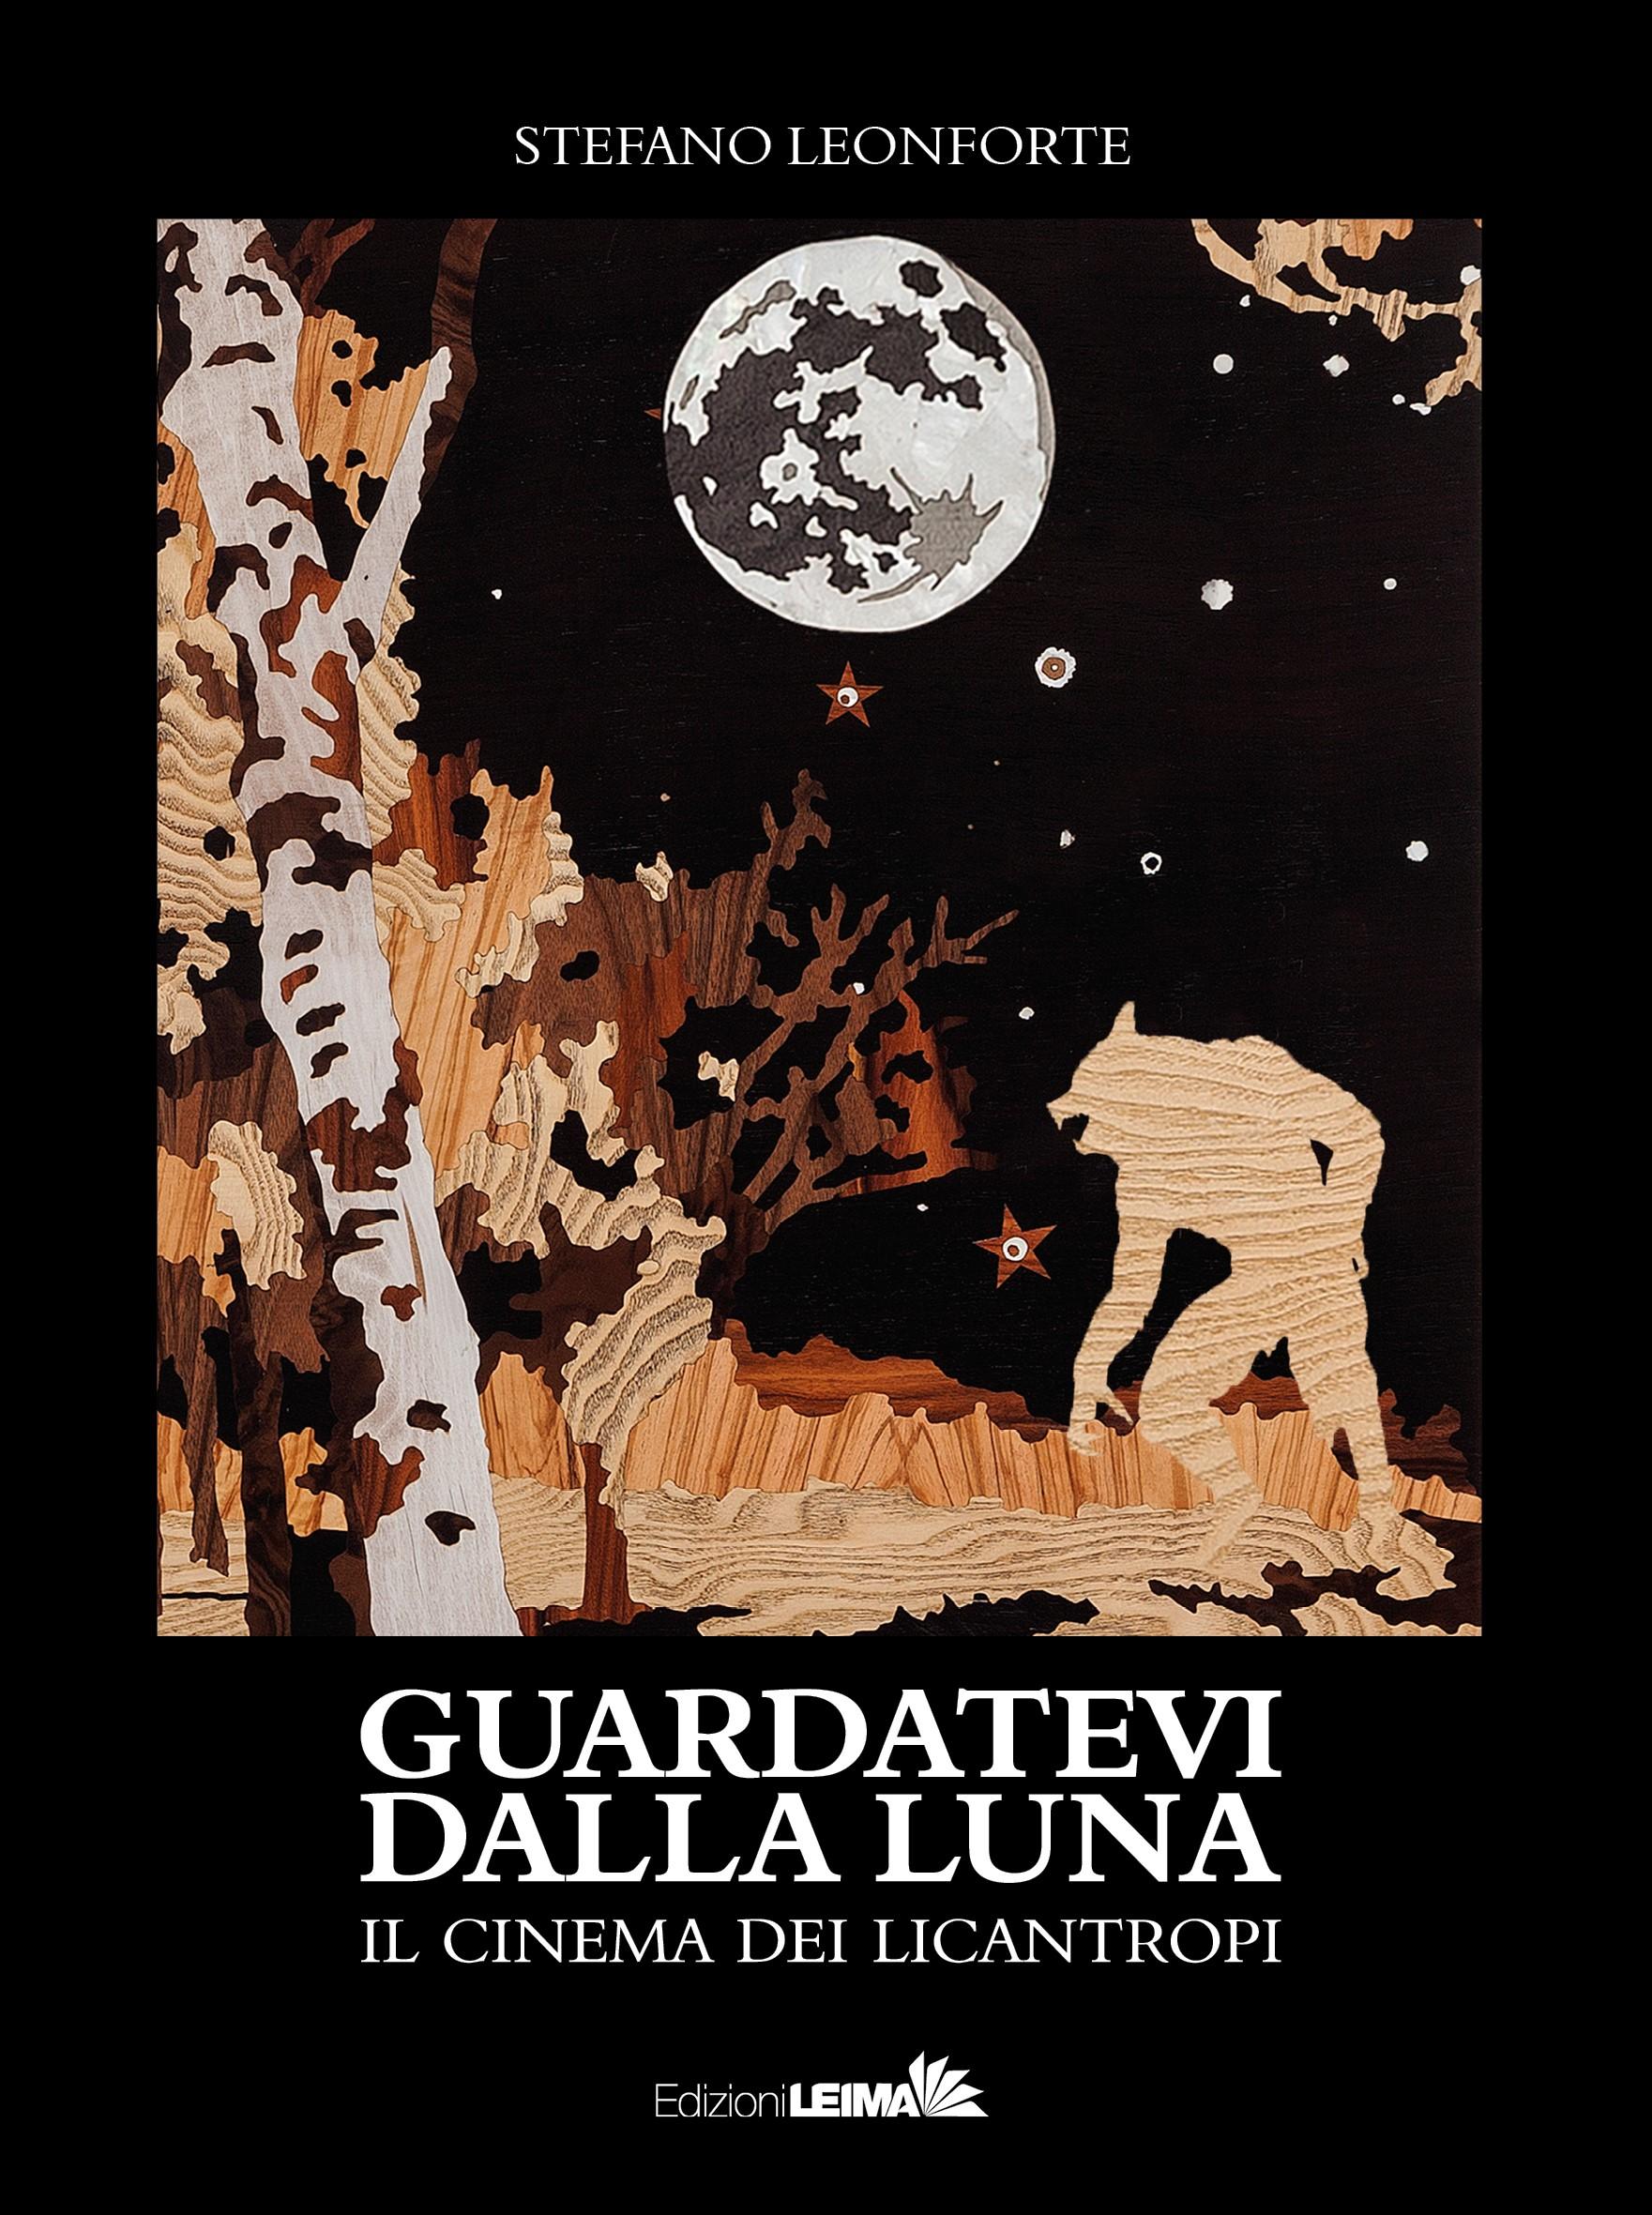 GUARDATEVI DALLA LUNA – Beware of the moon